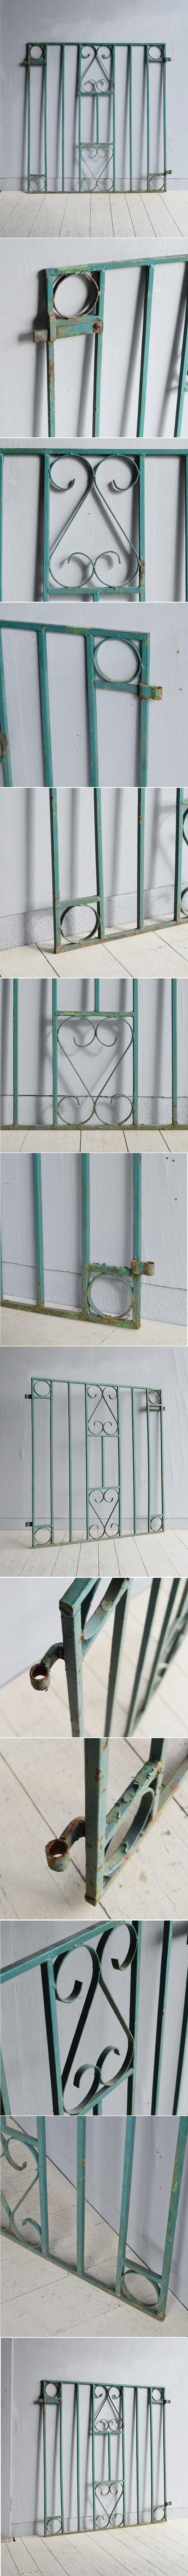 イギリス アンティーク アイアンフェンス ゲート柵 ガーデニング 7783